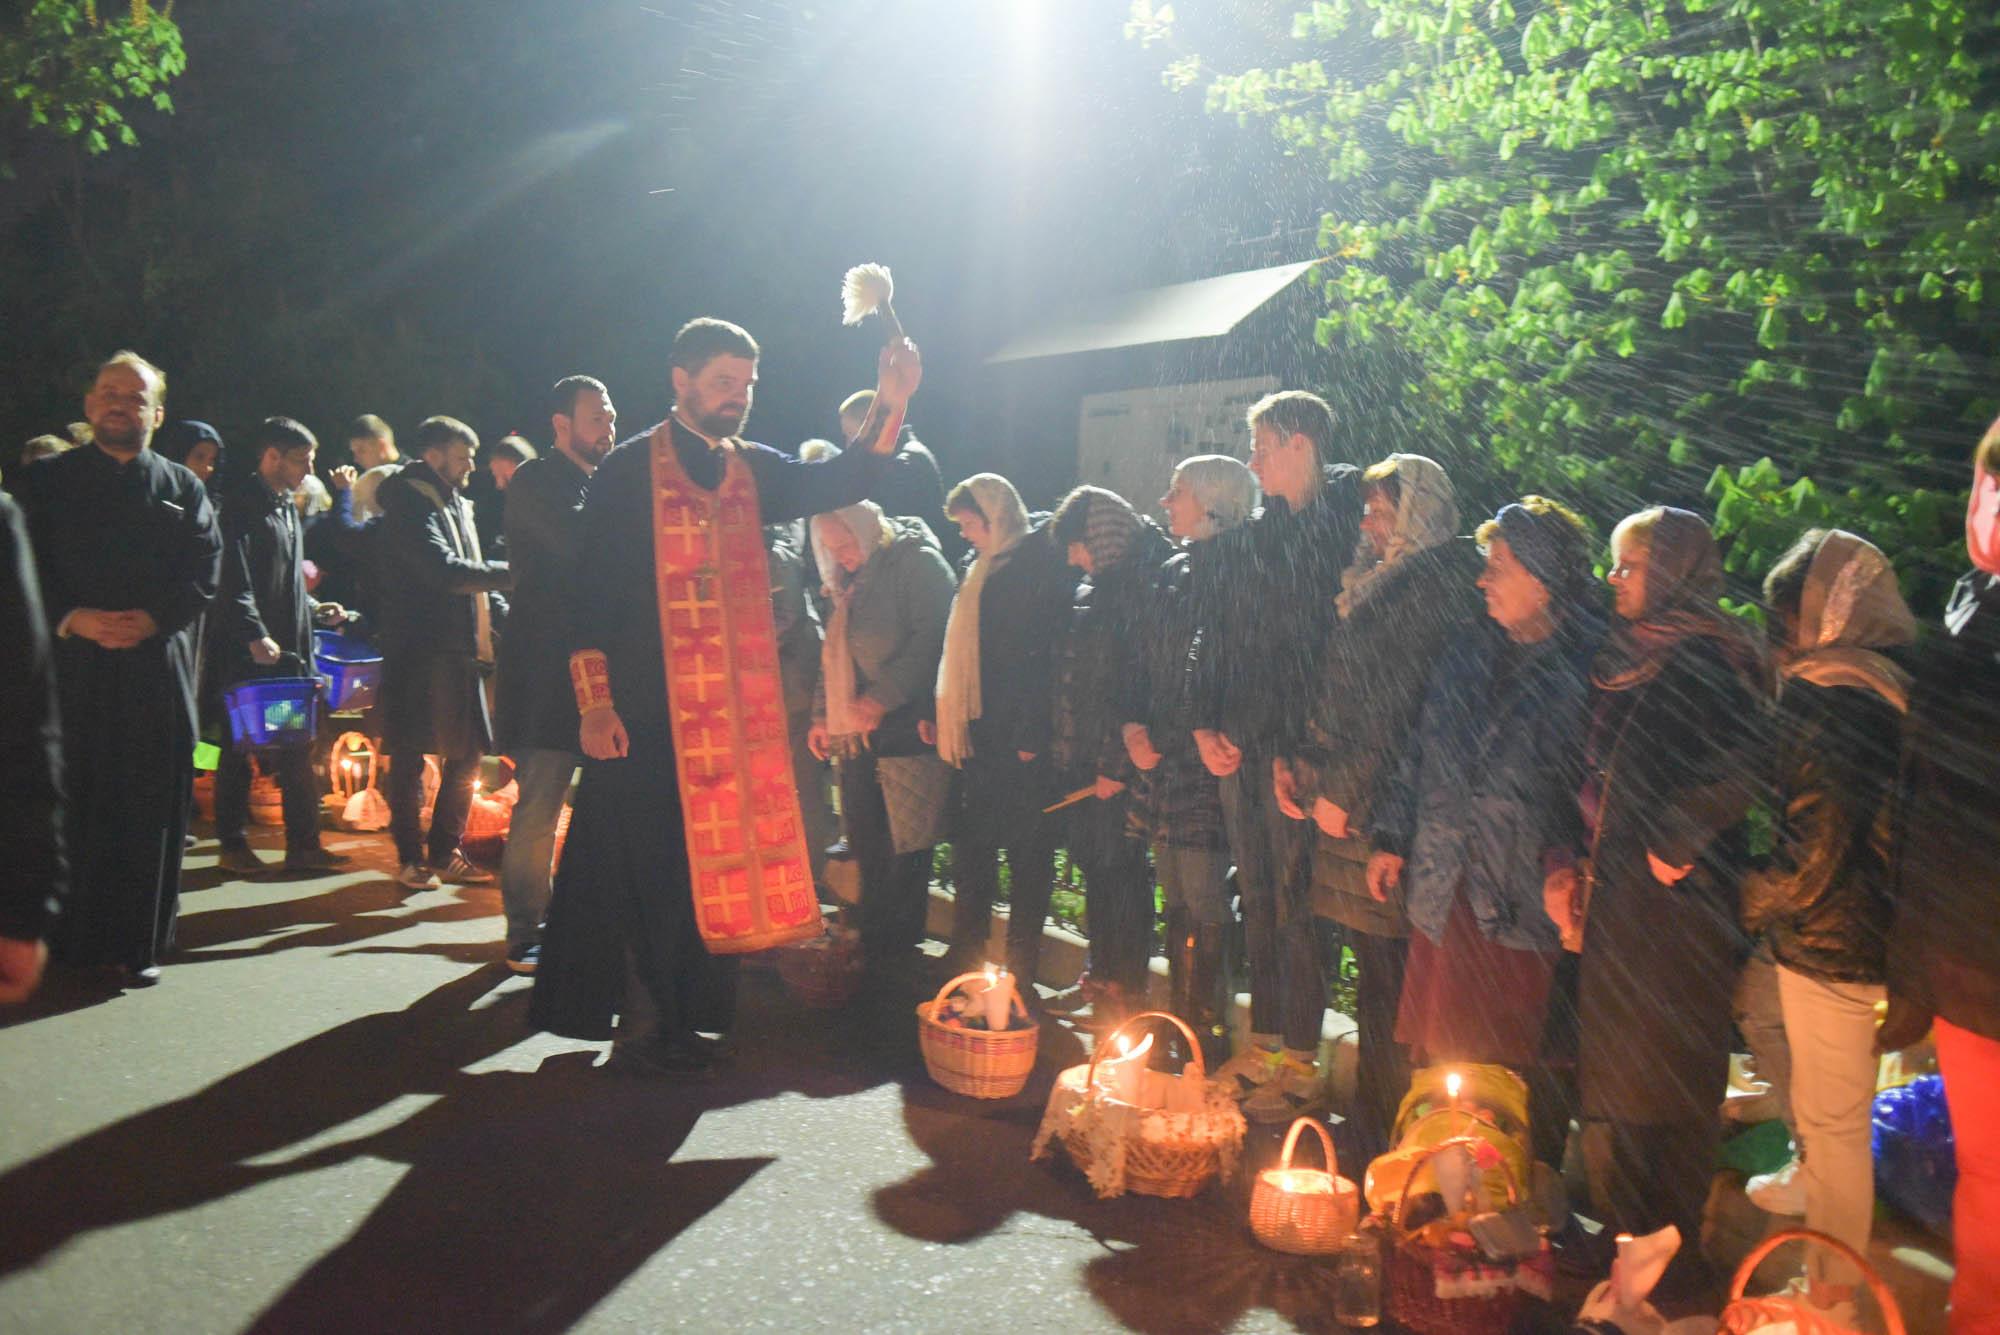 Orthodox photography Sergey Ryzhkov 9900